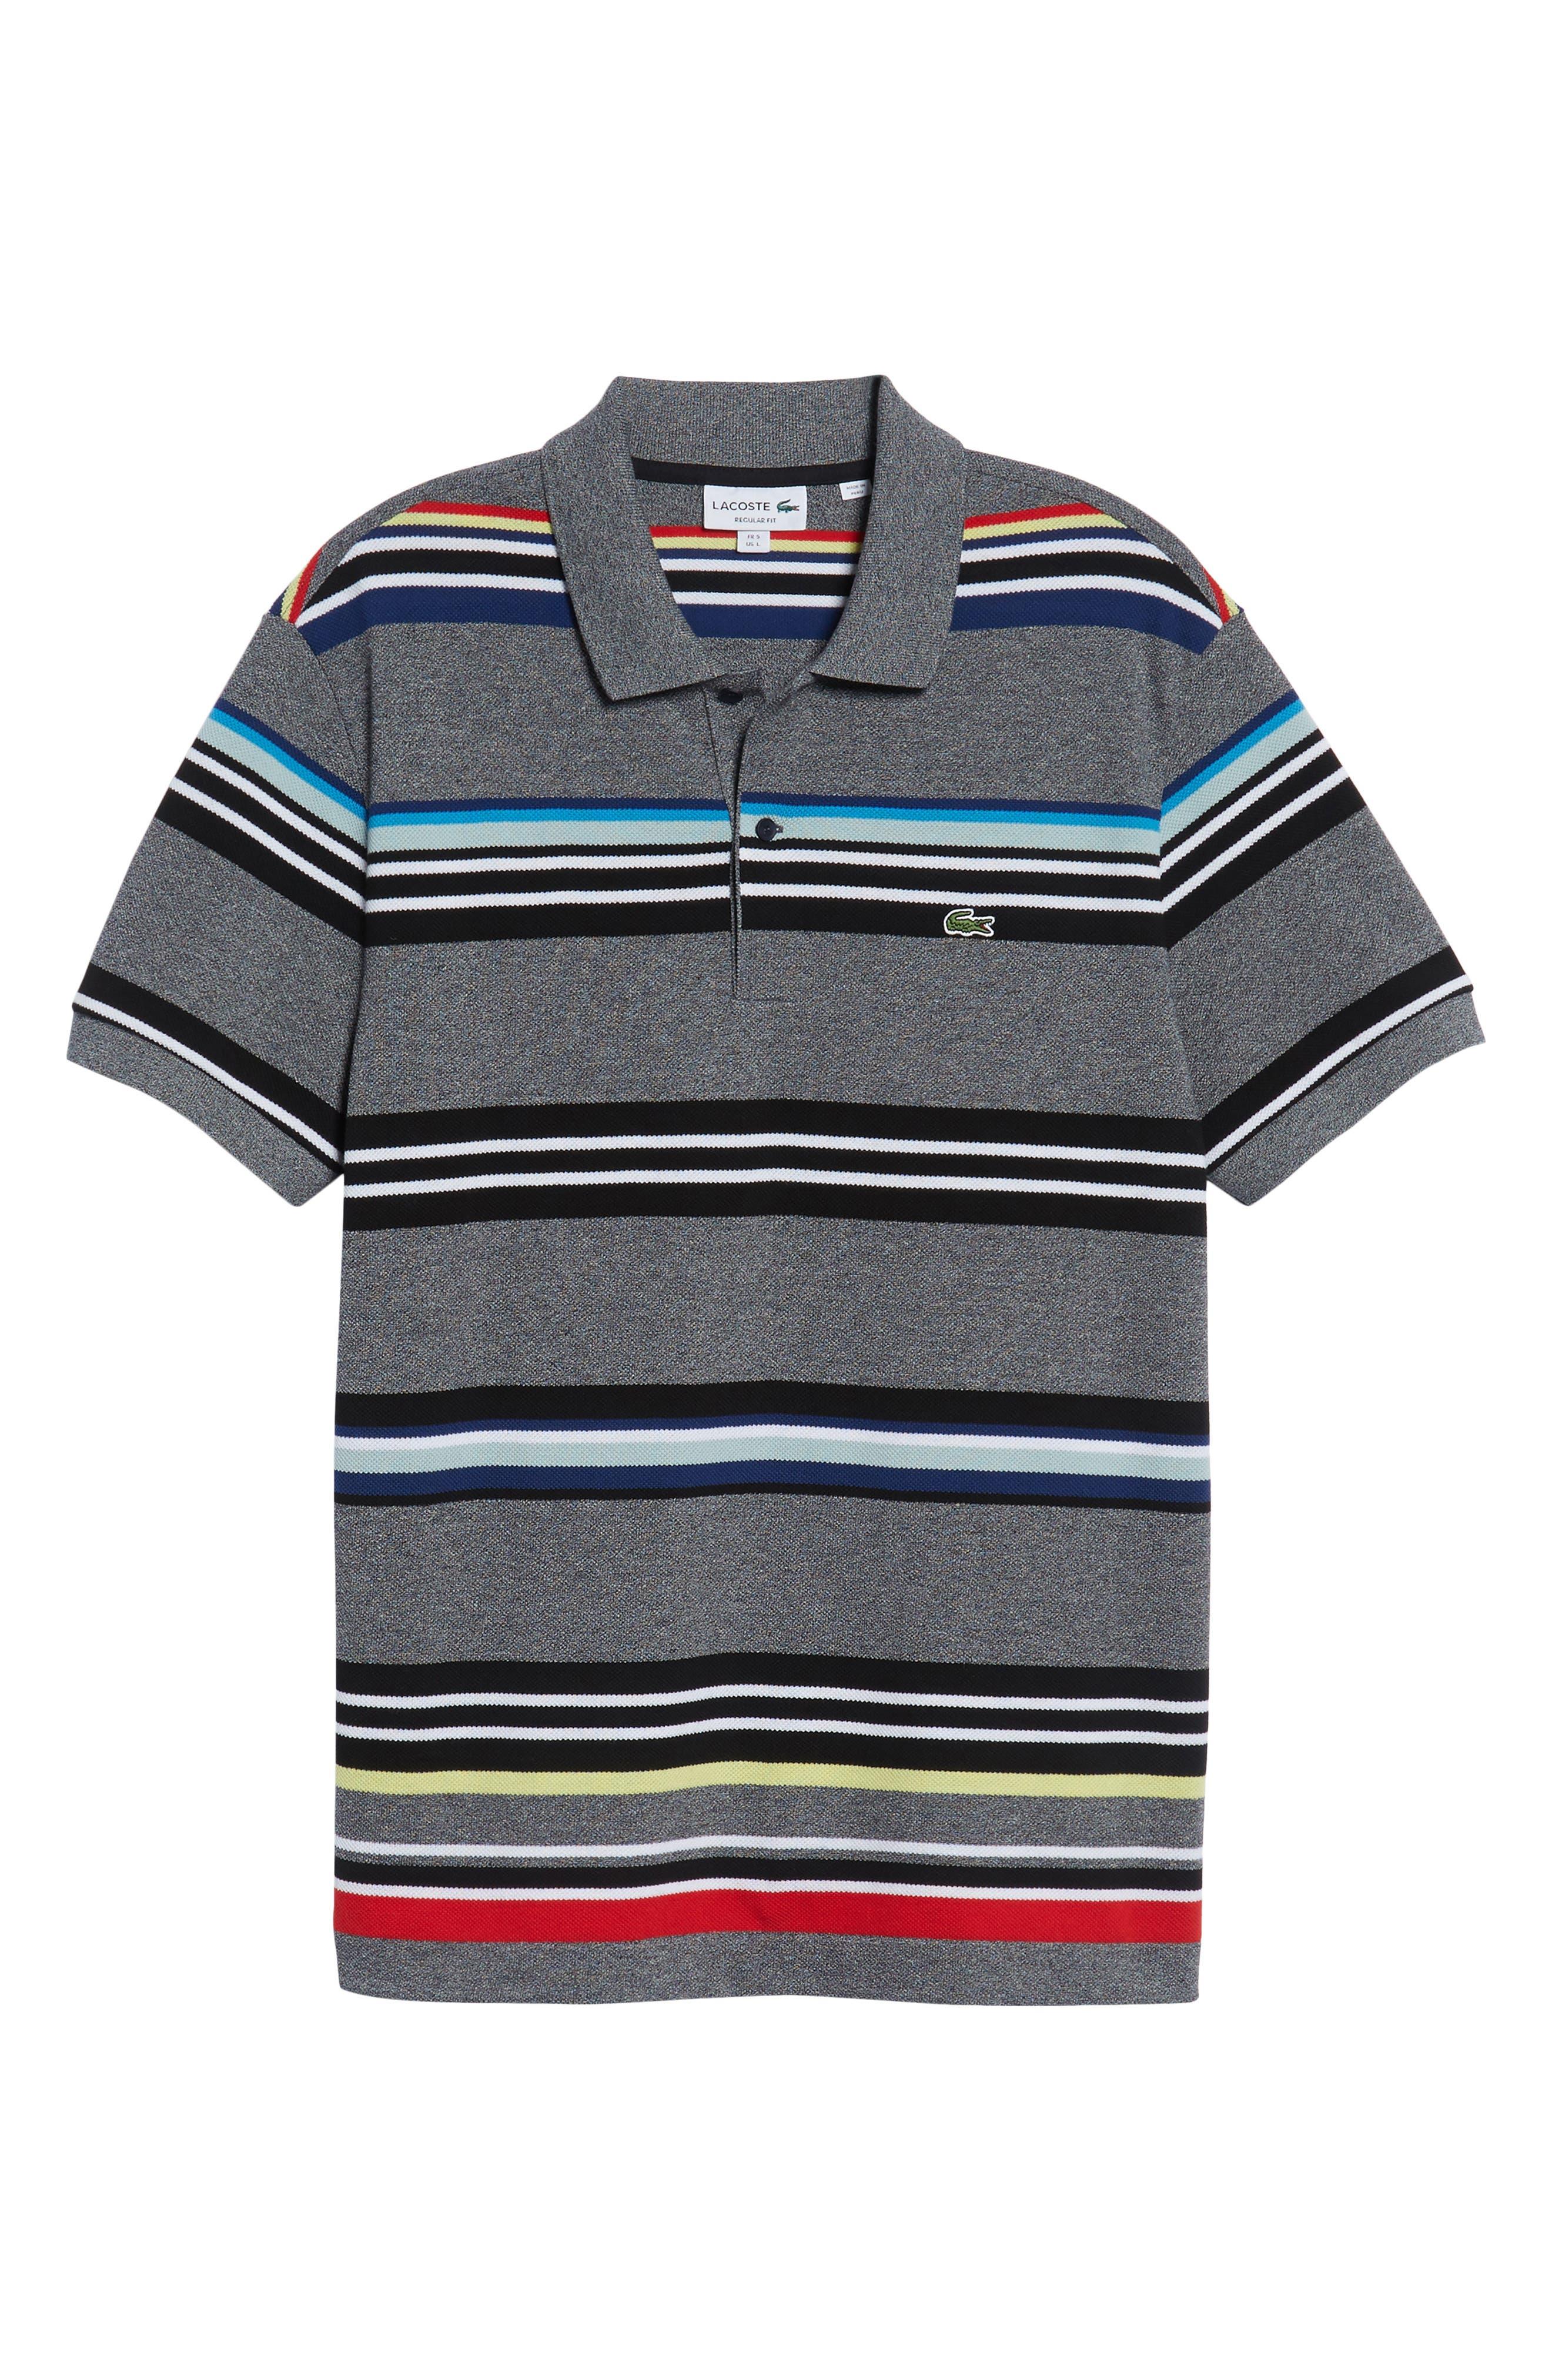 Mouline Stripe Piqué Polo,                             Alternate thumbnail 6, color,                             060